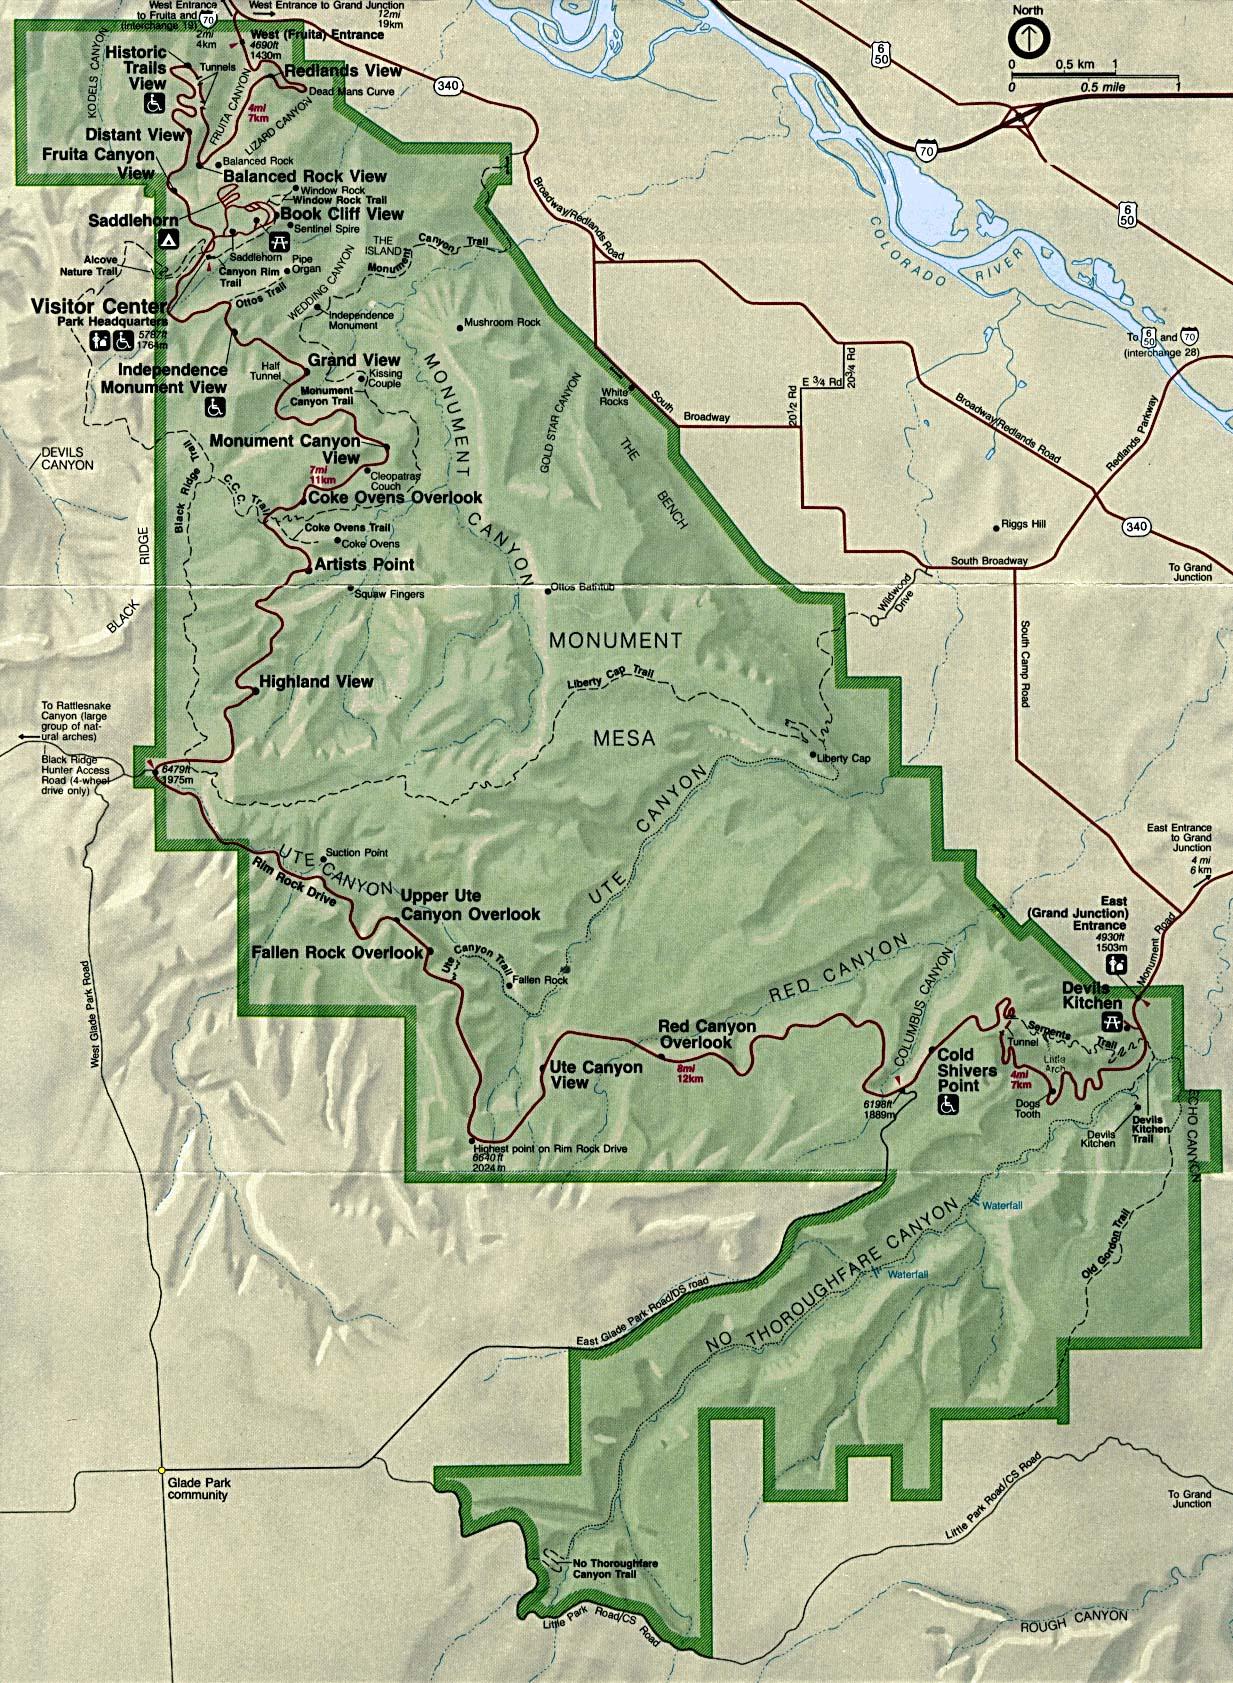 Mapa del Parque del Monumento Nacional de Colorado, Colorado, Estados Unidos